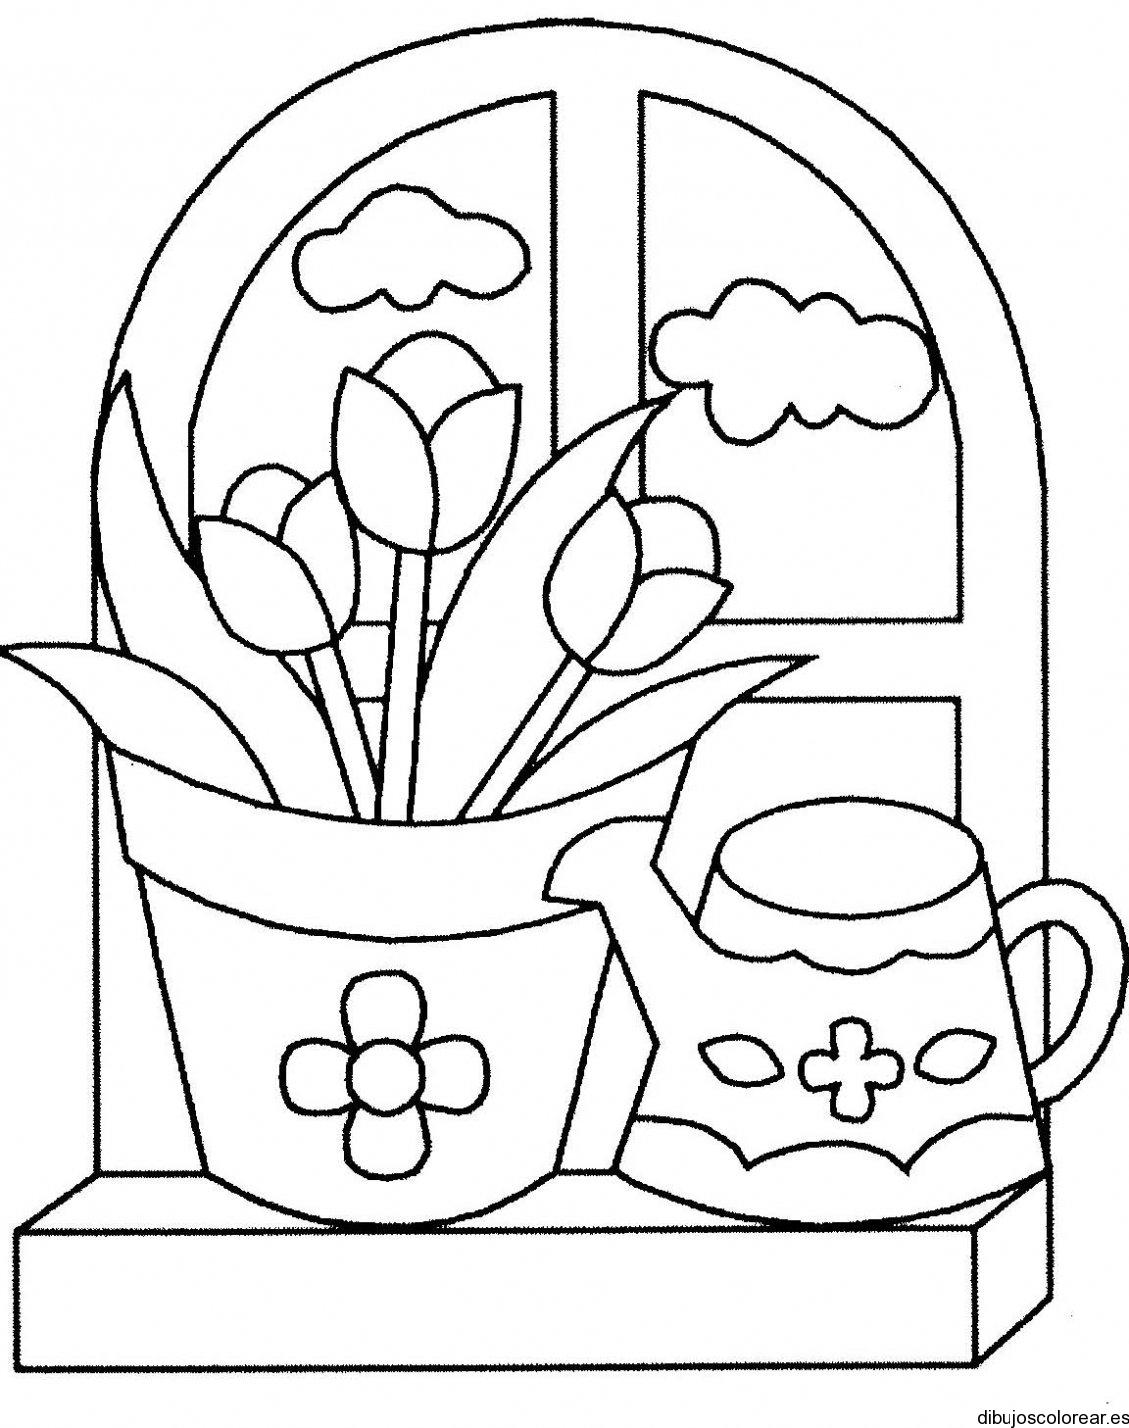 Dibujo de una ventana con flores